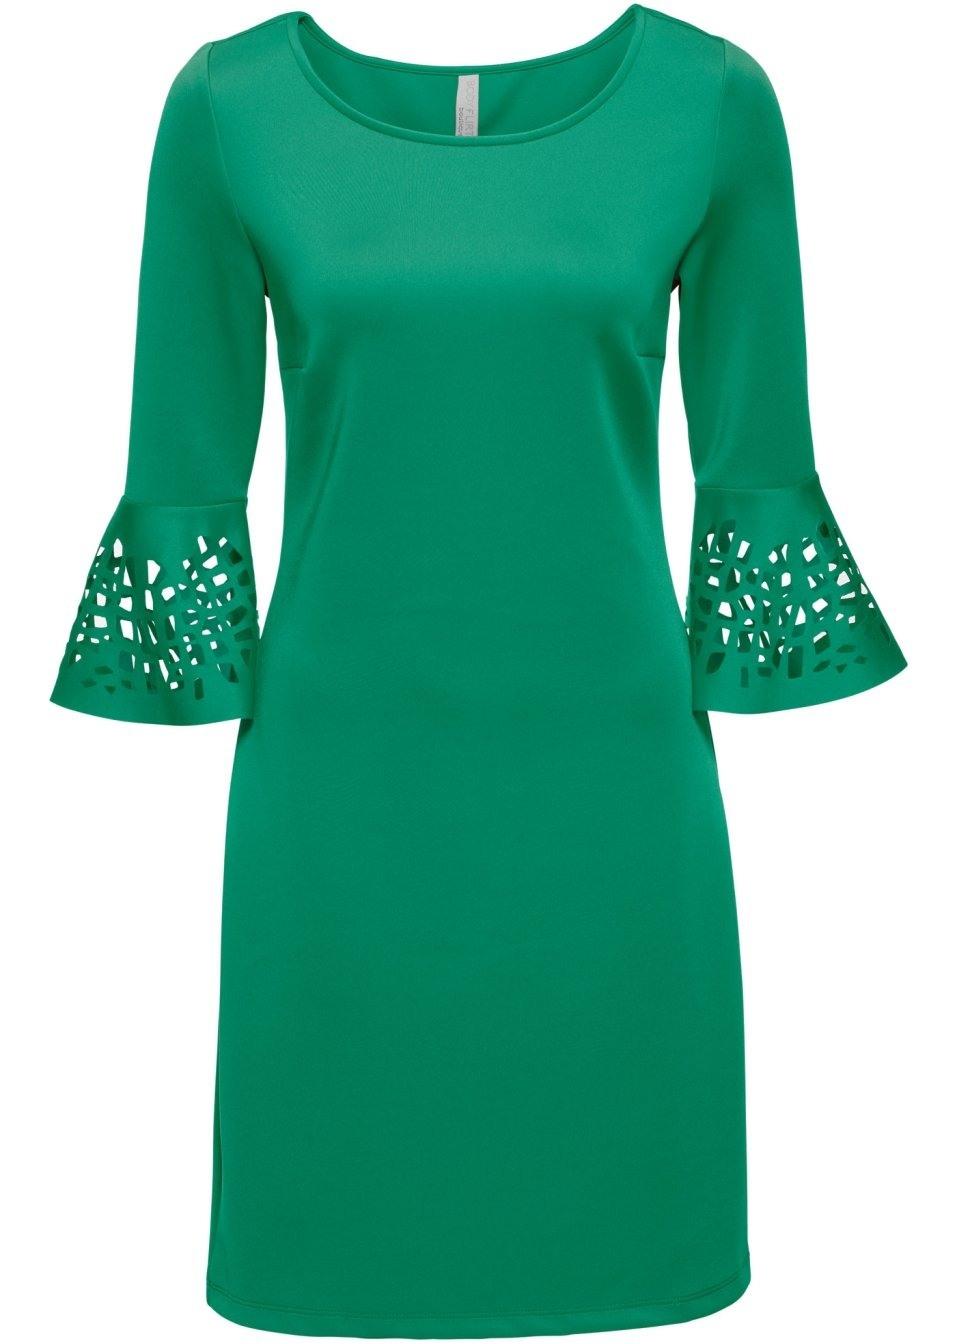 13 Einzigartig Kleid Für Hochzeit Grün Boutique - Abendkleid